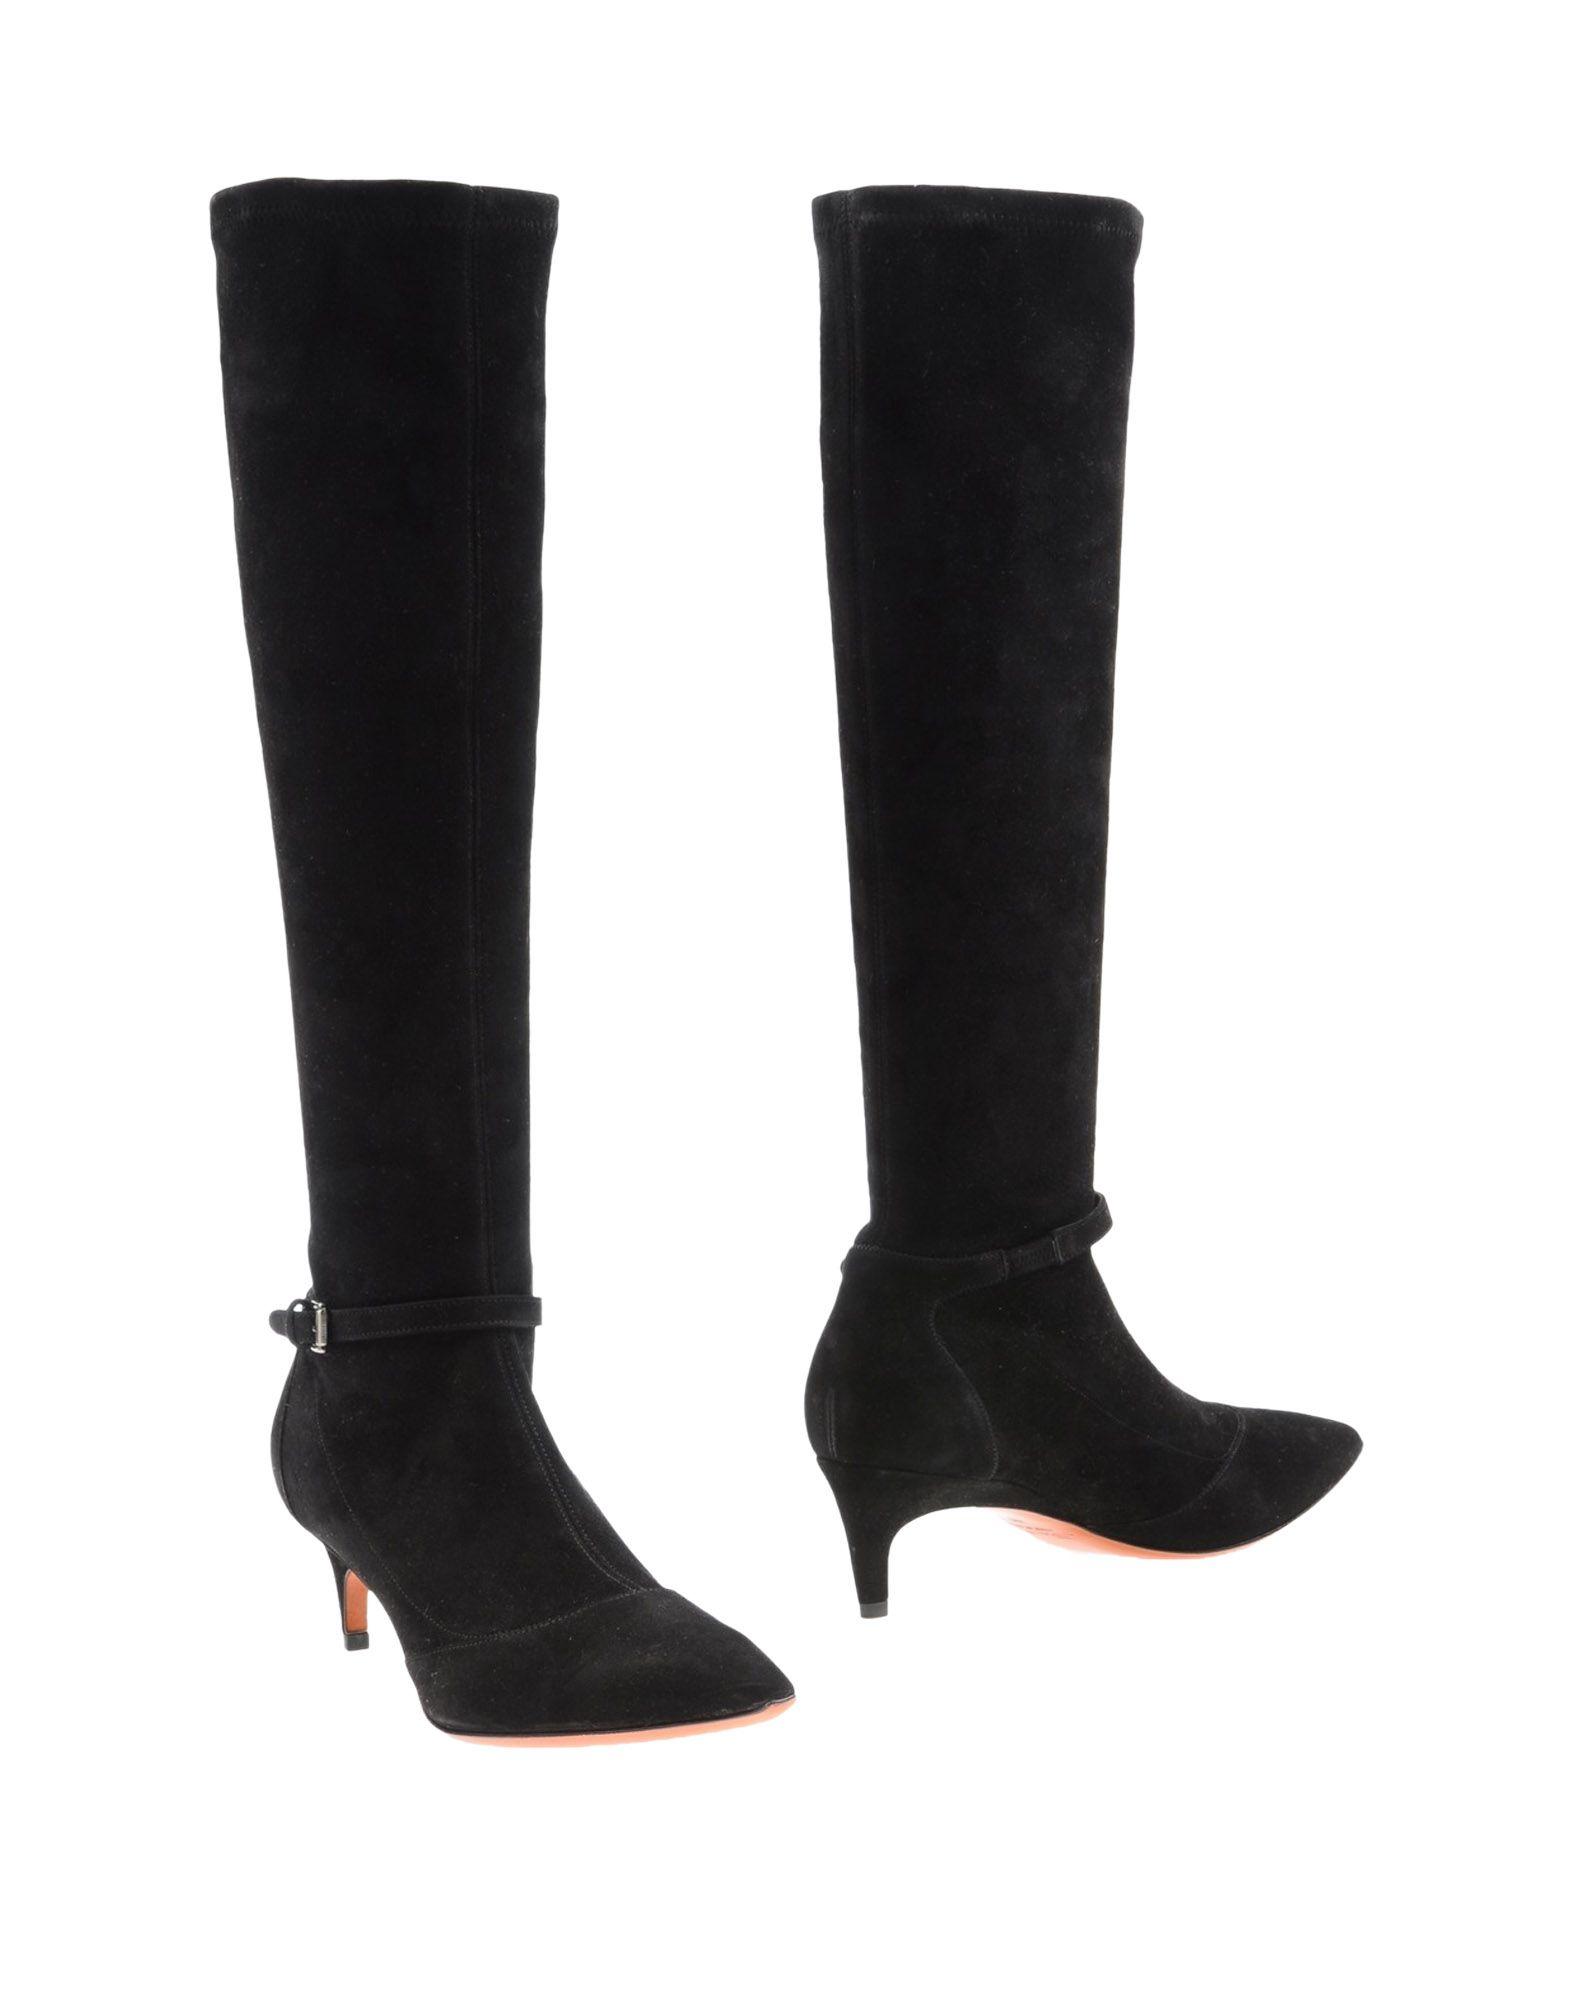 Stivali Santoni Donna - 11307560MM Scarpe economiche e buone